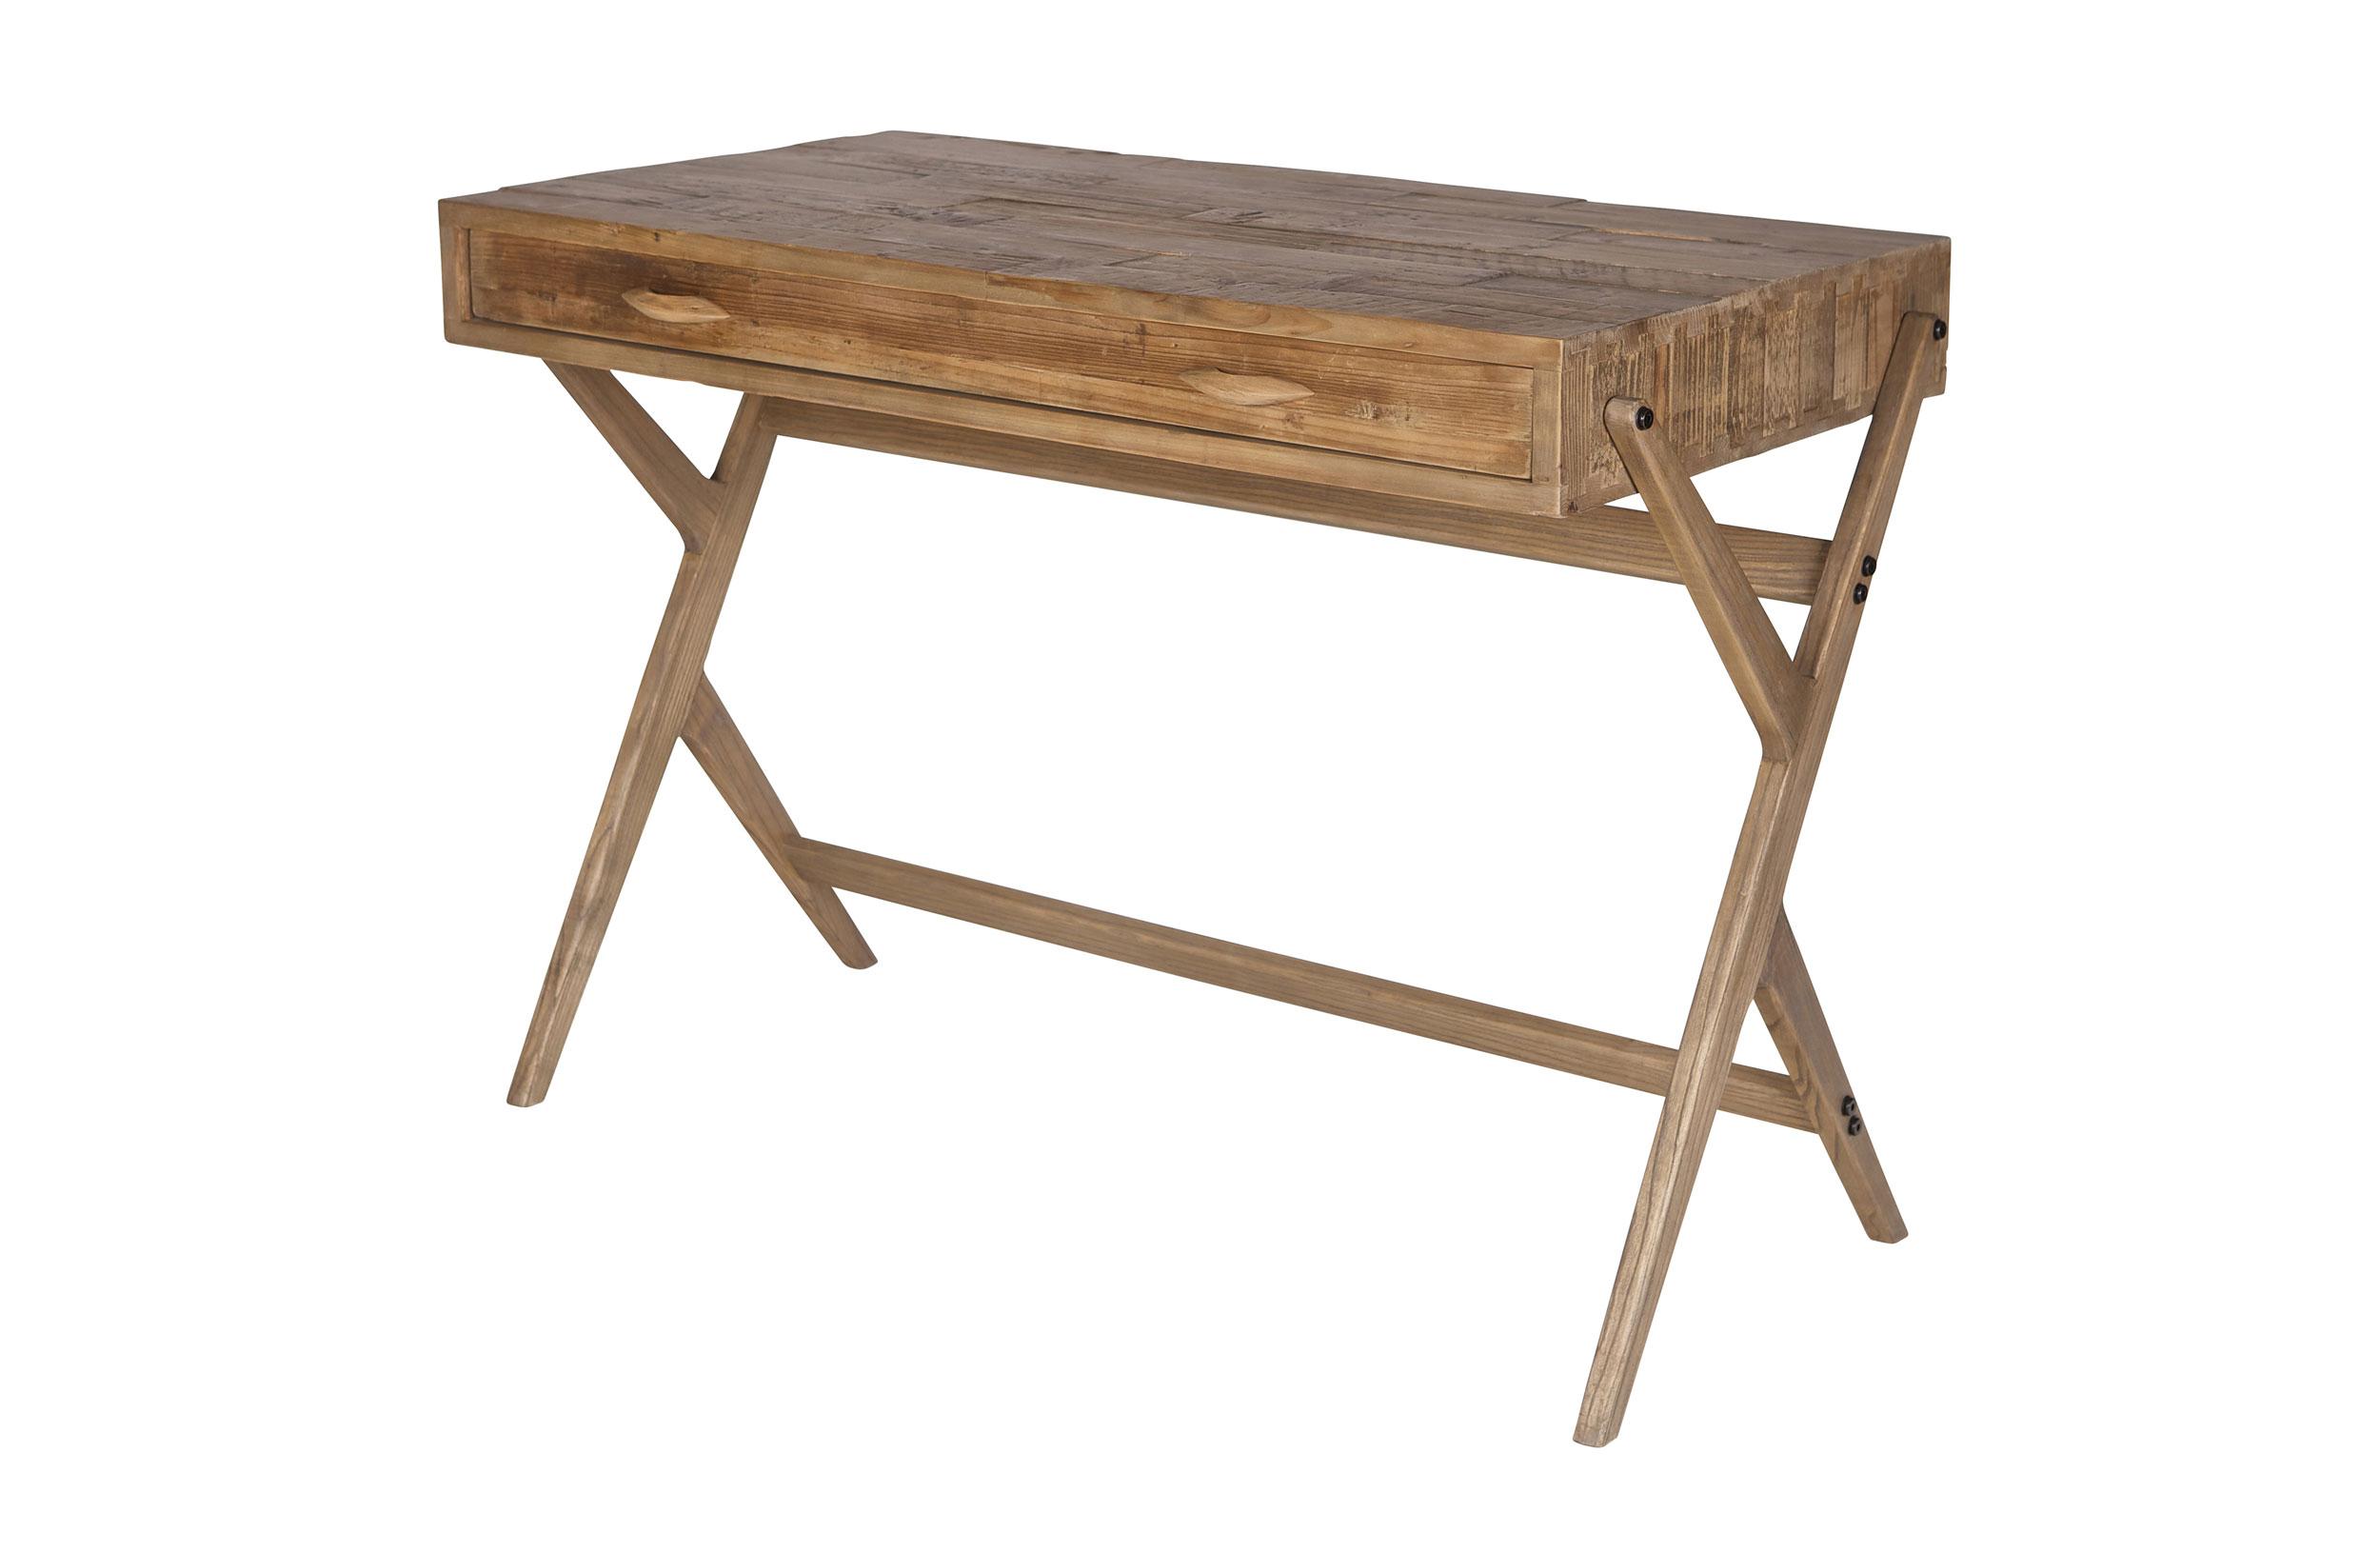 Письменный стол Writing DeskПисьменные столы<br>&amp;lt;div&amp;gt;Природная естественность придает Writing Desk немного аскетичный облик. Массивная столешница из древесины сосны в отделке, сохраняющей фактуру и цвет древесины. Модель лимитированной серии.&amp;amp;nbsp;&amp;lt;br&amp;gt;&amp;lt;/div&amp;gt;&amp;lt;div&amp;gt;&amp;lt;br&amp;gt;&amp;lt;/div&amp;gt;&amp;lt;div&amp;gt;Размеры: 110х78х55см&amp;lt;/div&amp;gt;<br><br>Material: Дерево<br>Length см: 110<br>Width см: 55<br>Height см: 78